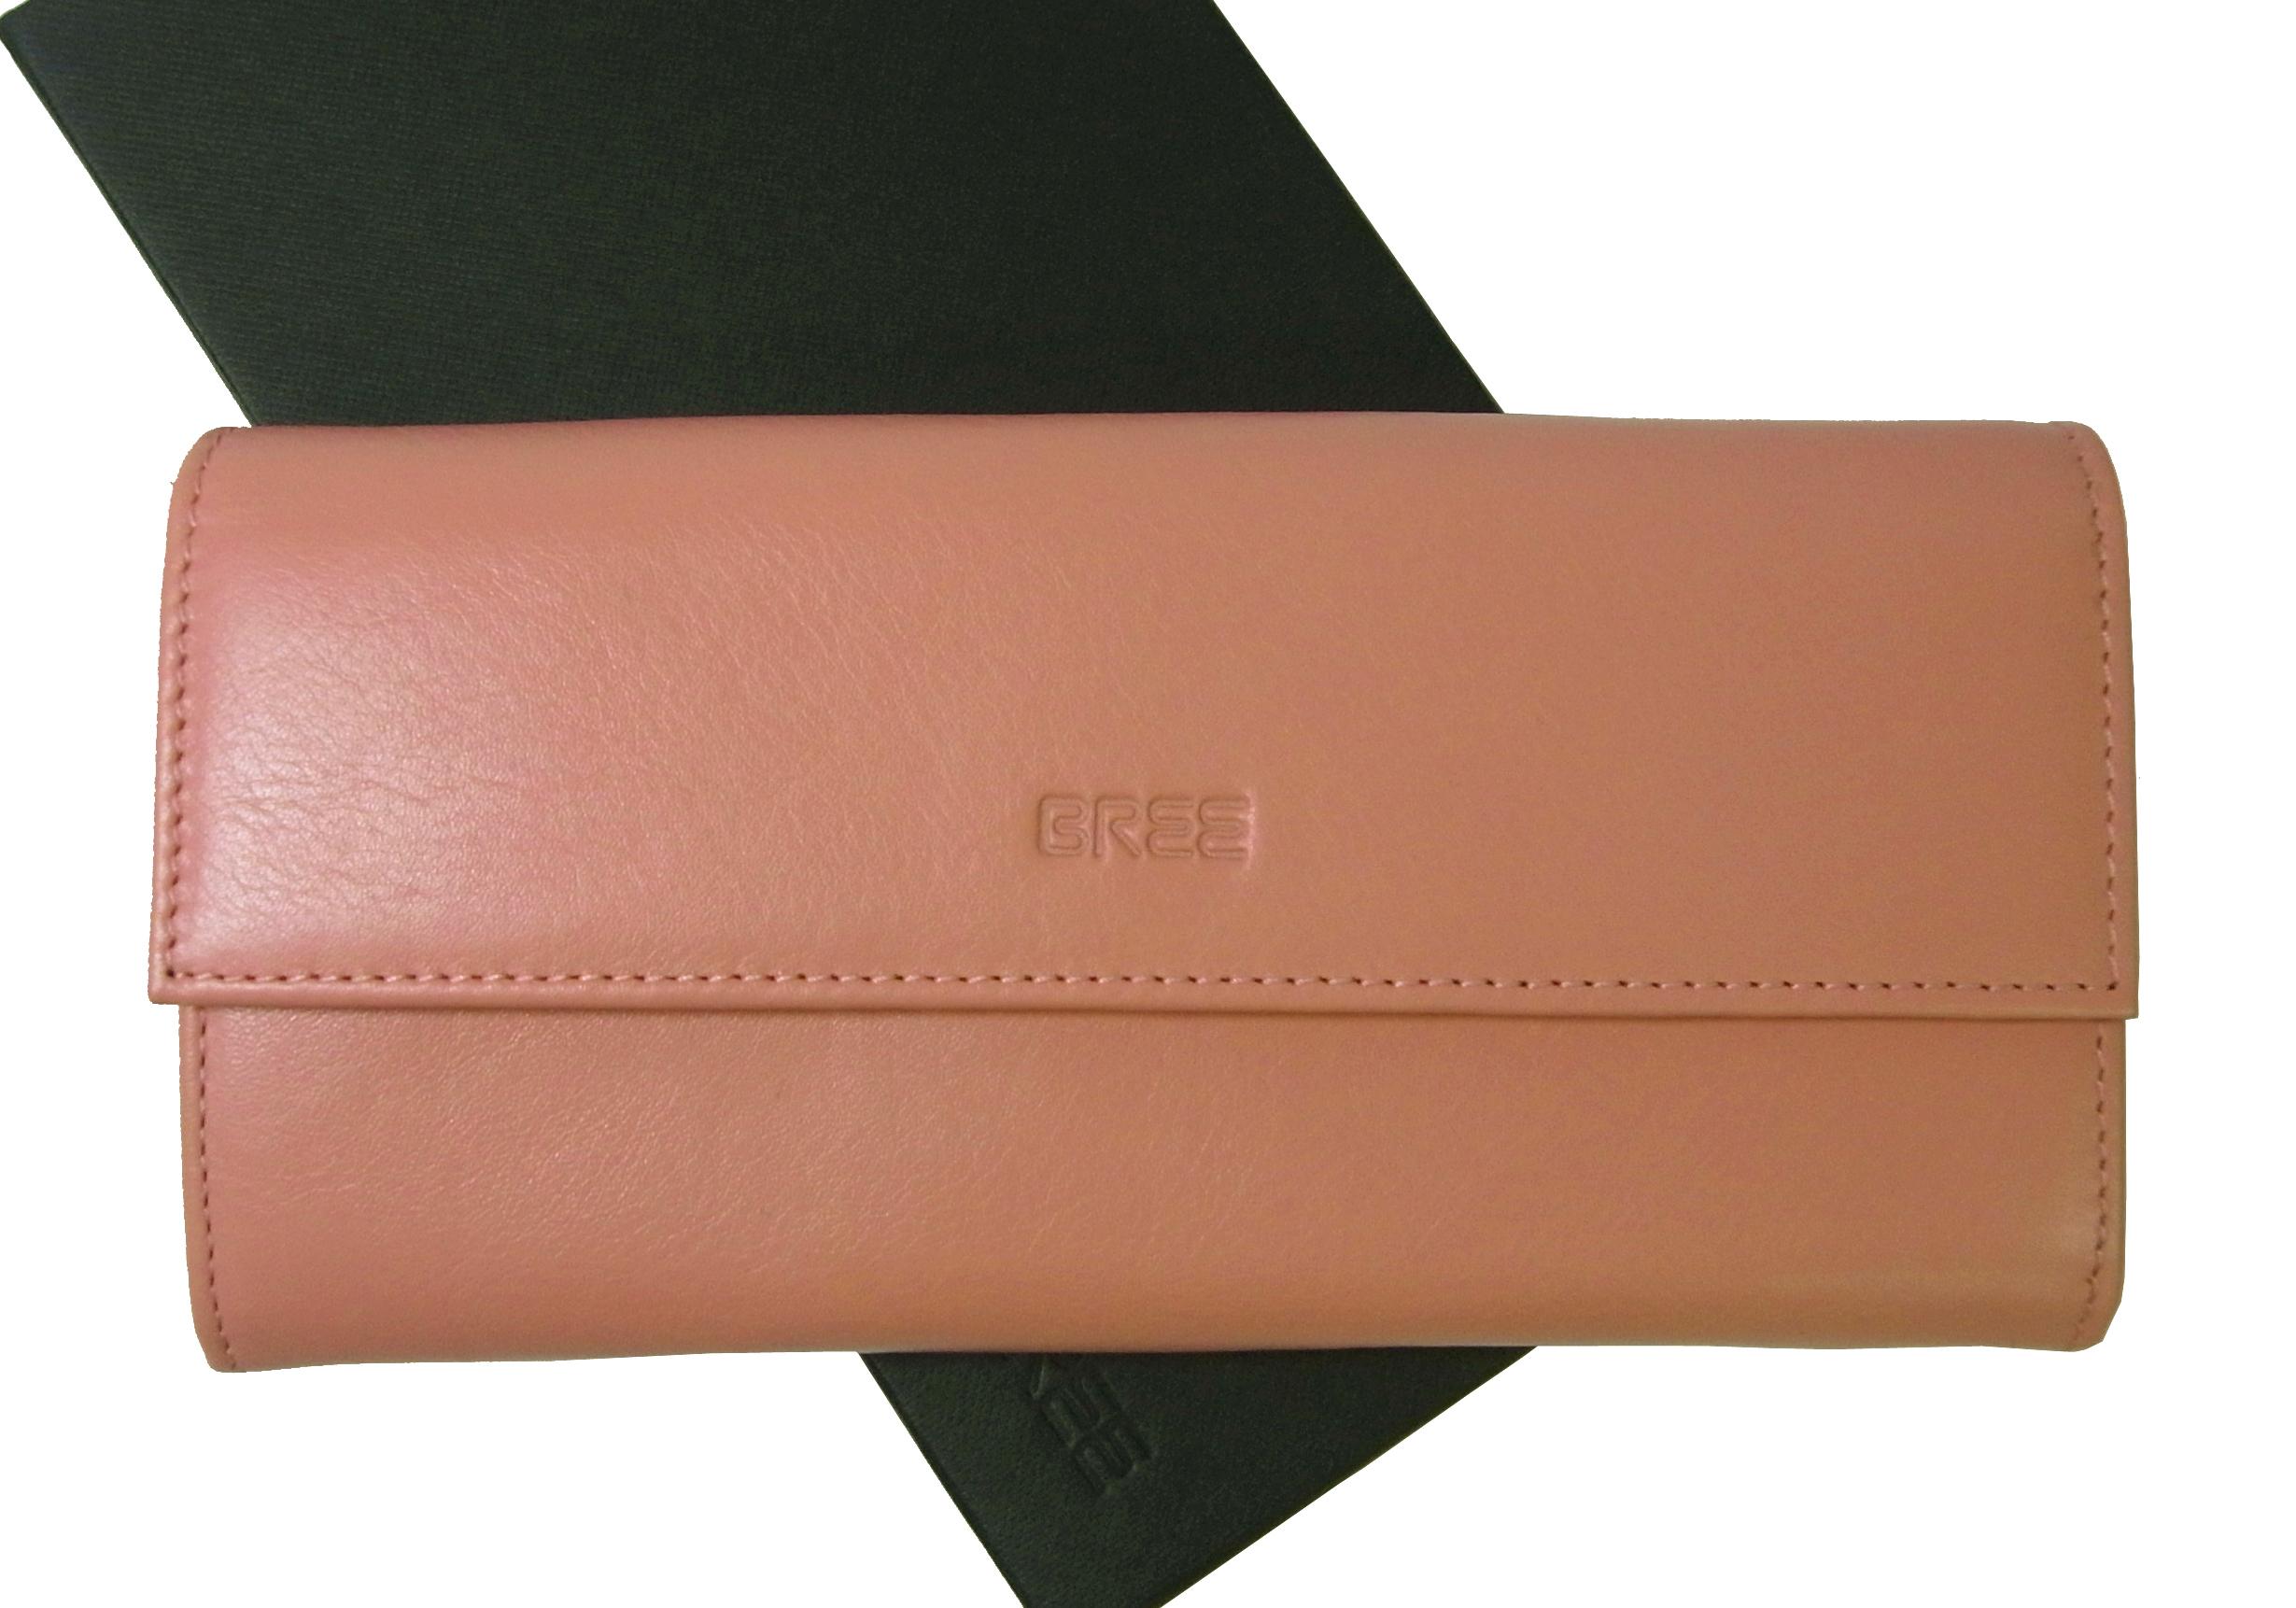 e3e3a93fa148 ブリー 長財布 二つ折(ピンク) ISSY 110 の通販&即日発送 - BE-224